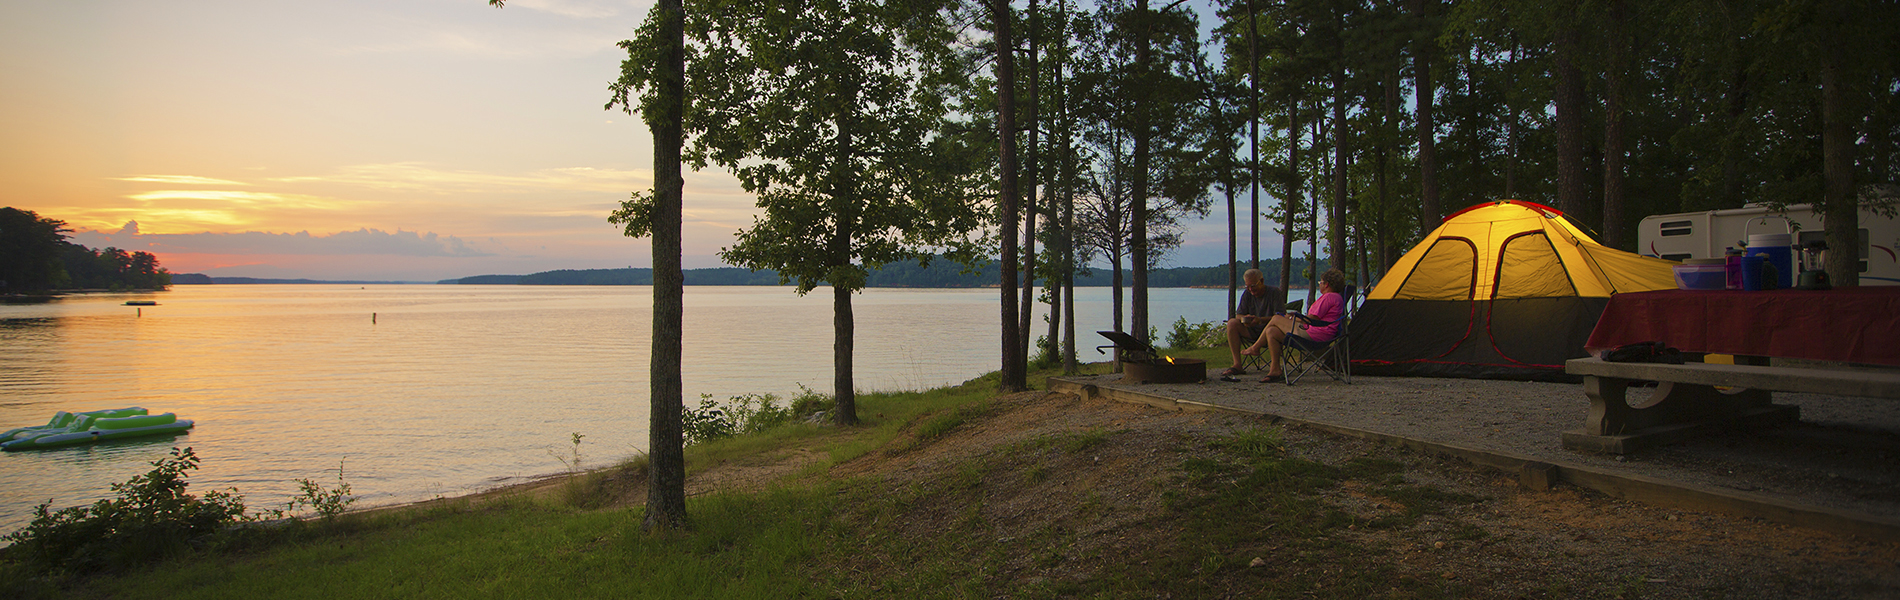 Camping at Elijah Clark